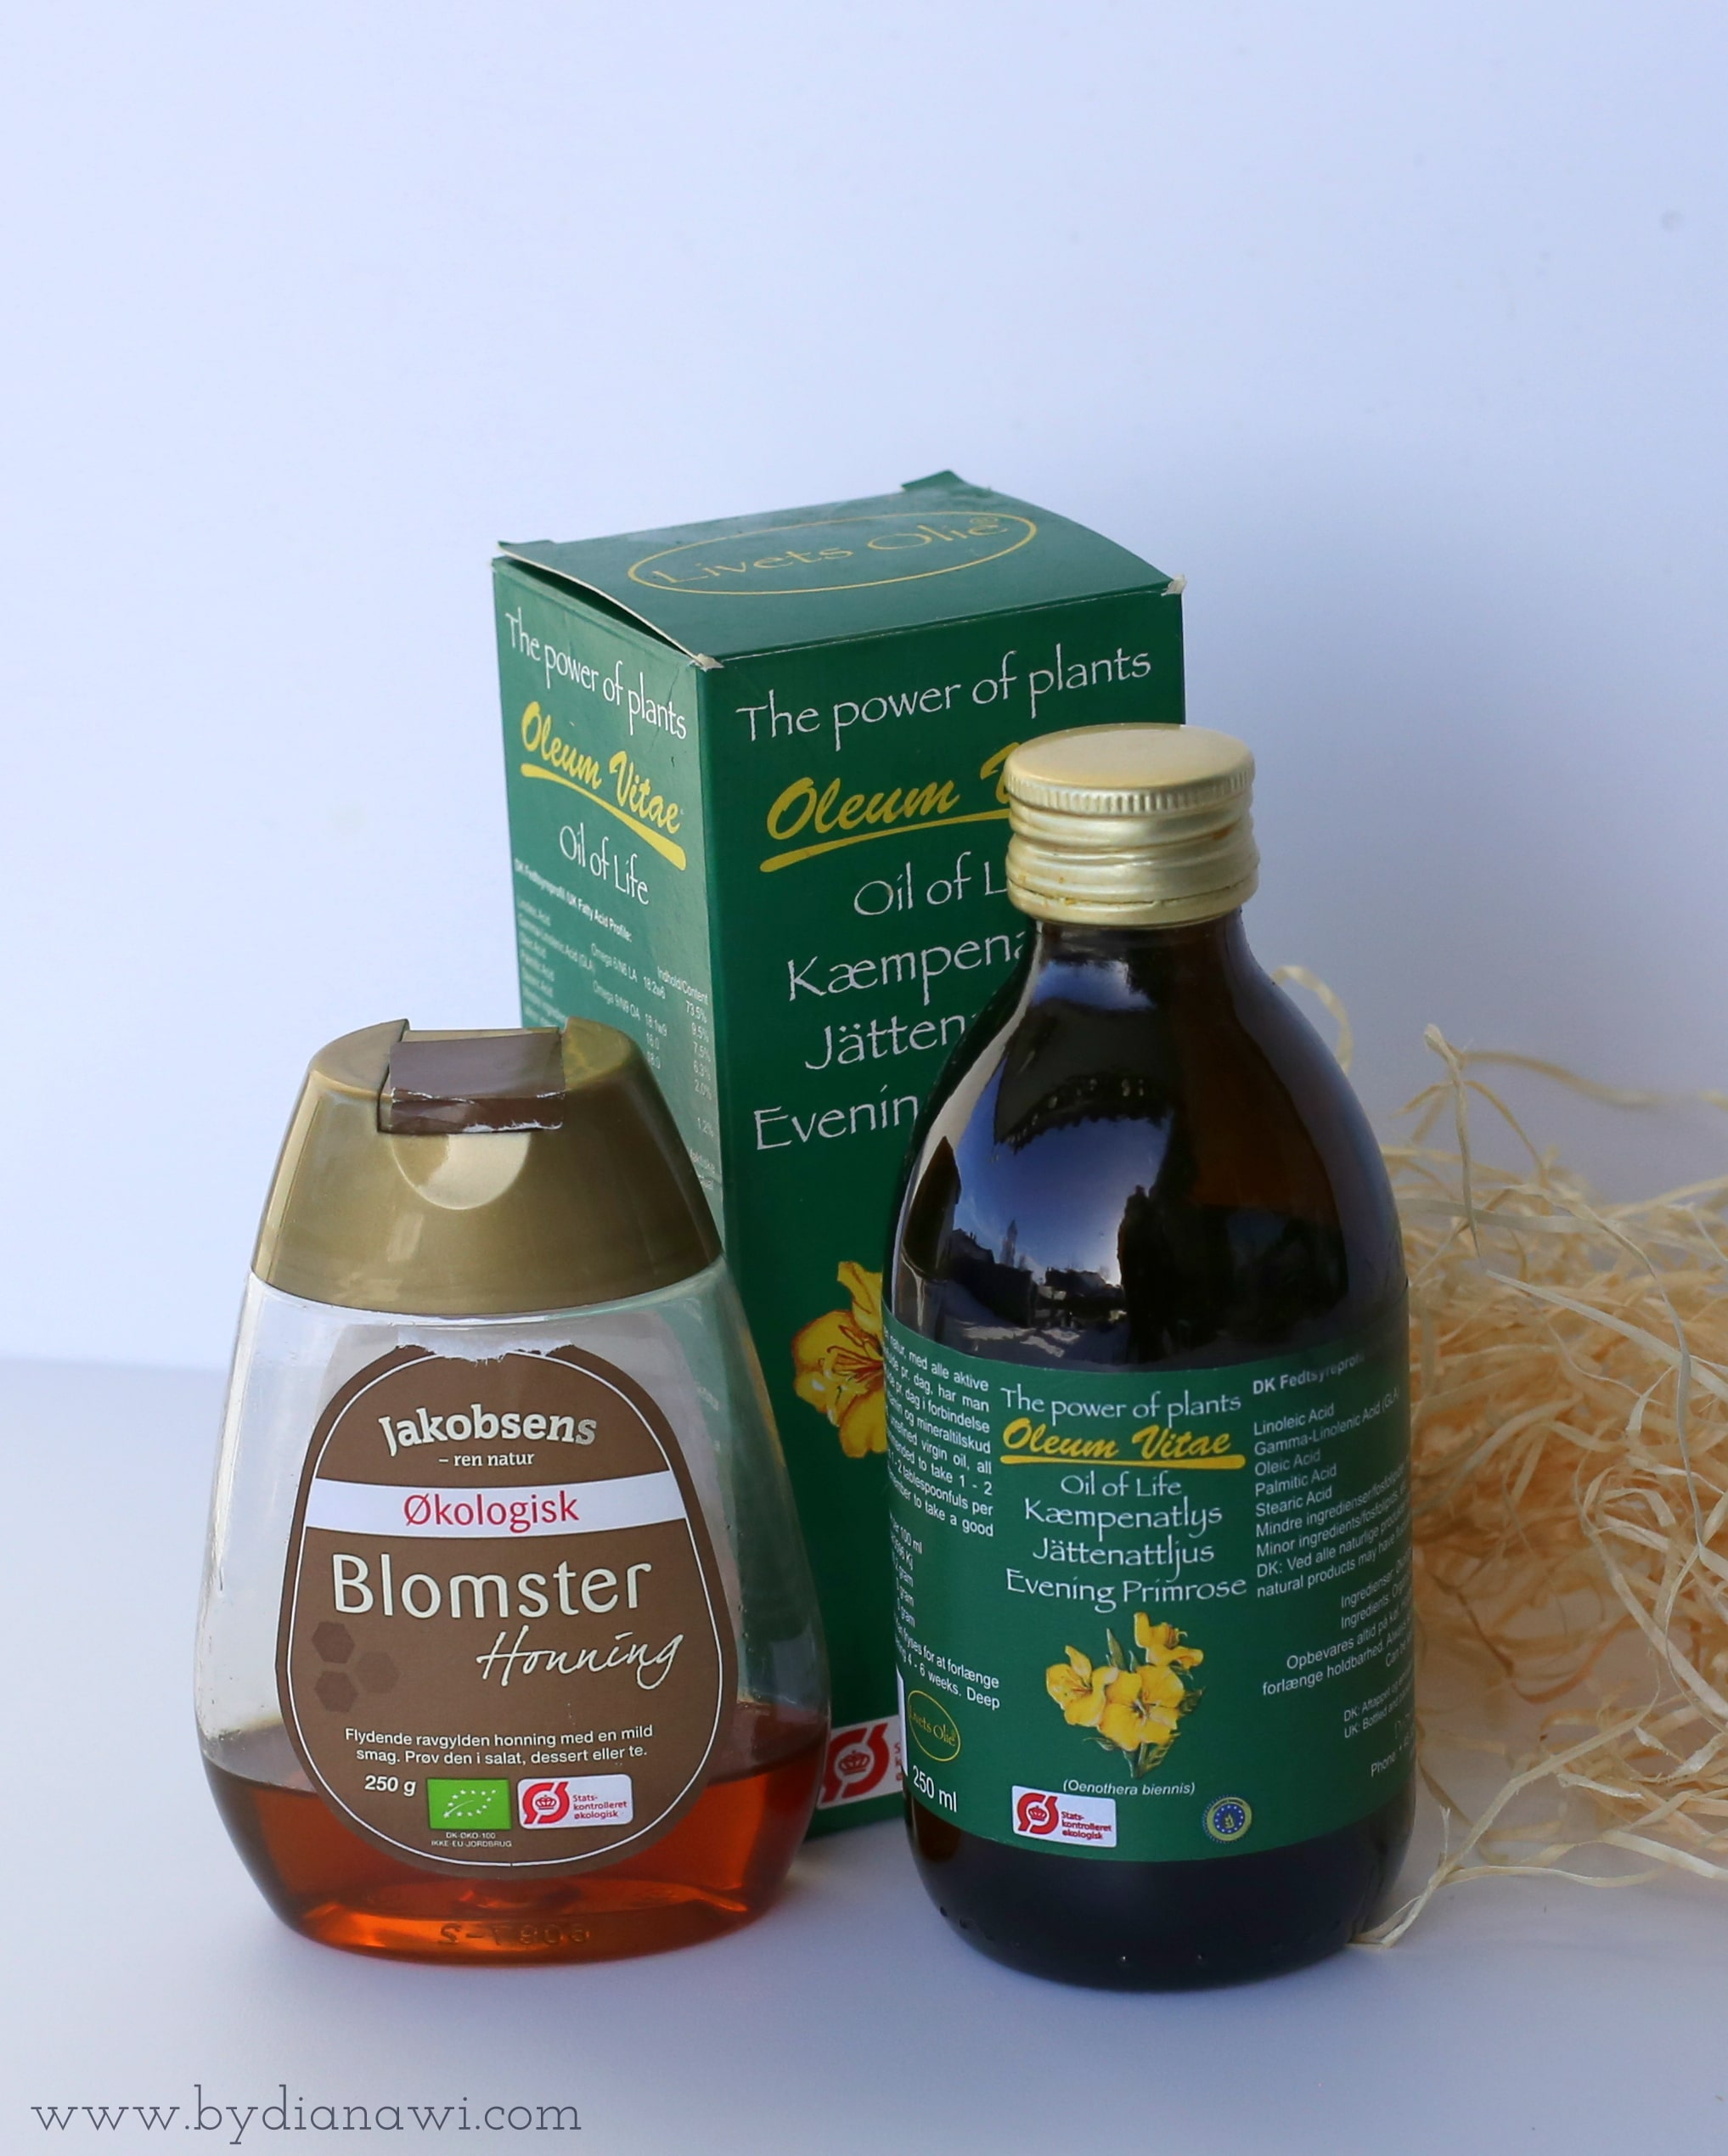 granola opskrift, kæmpenatlysolie, oil of life, livets olie